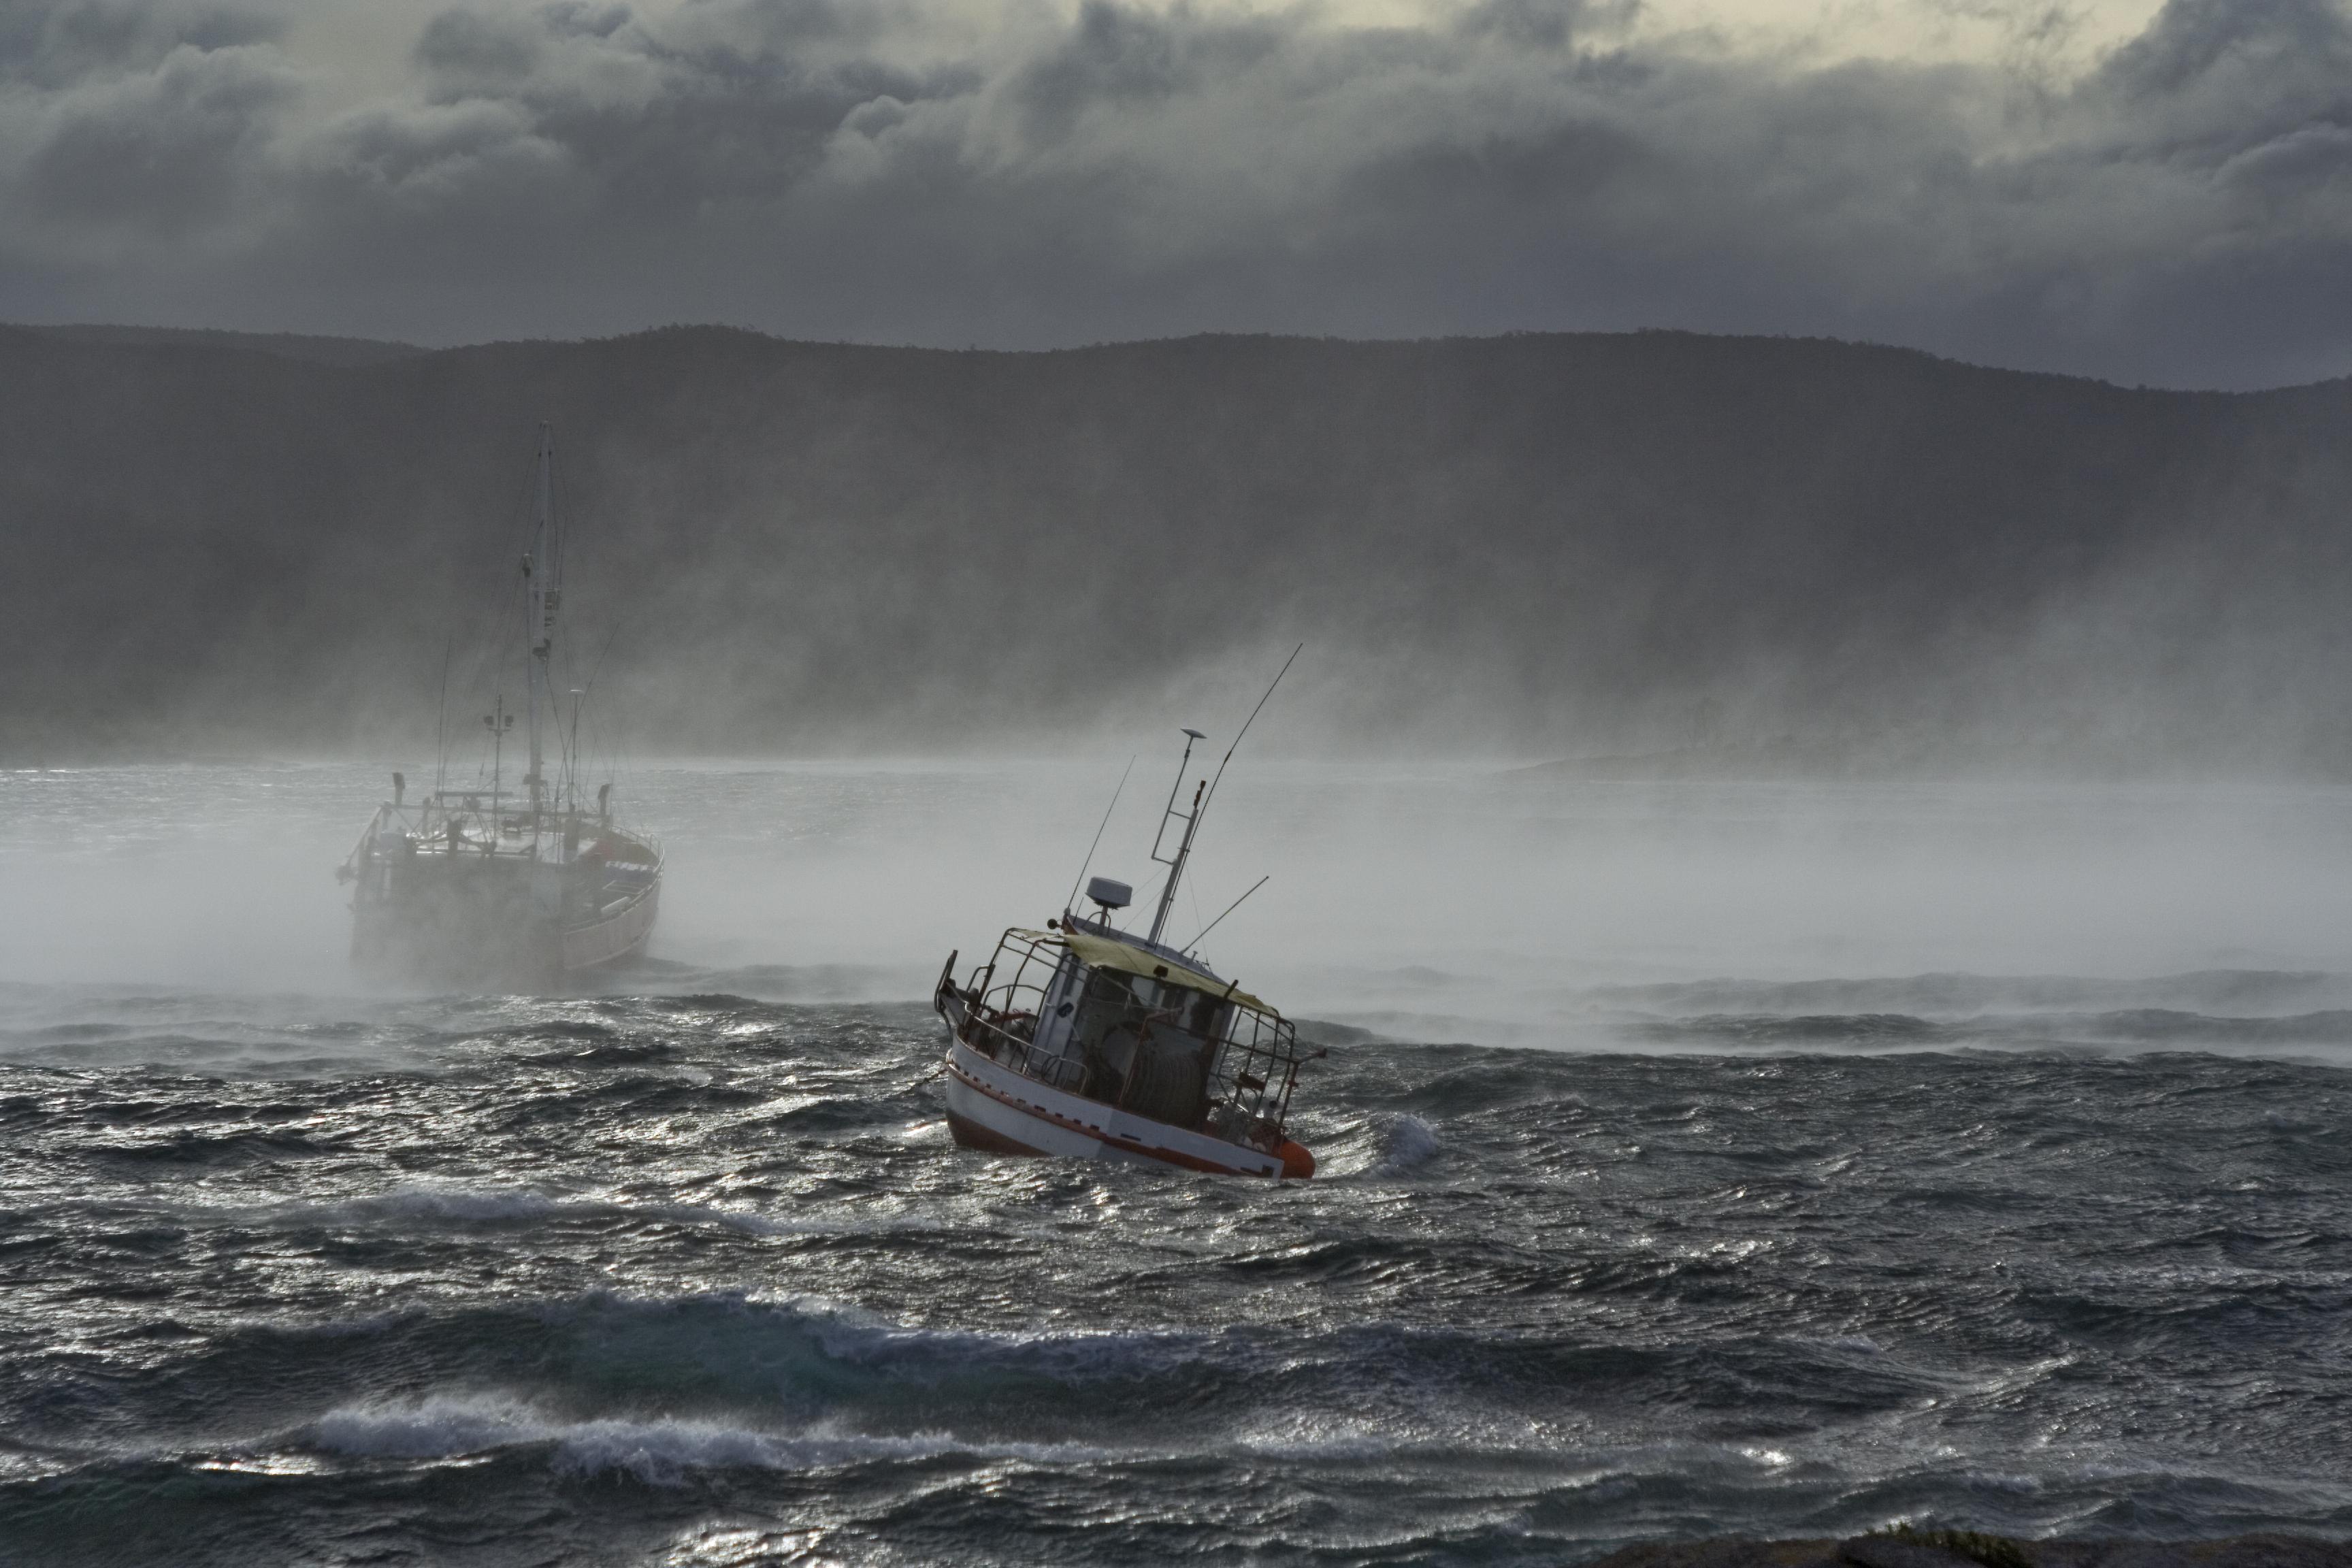 Fishing boat in misty water